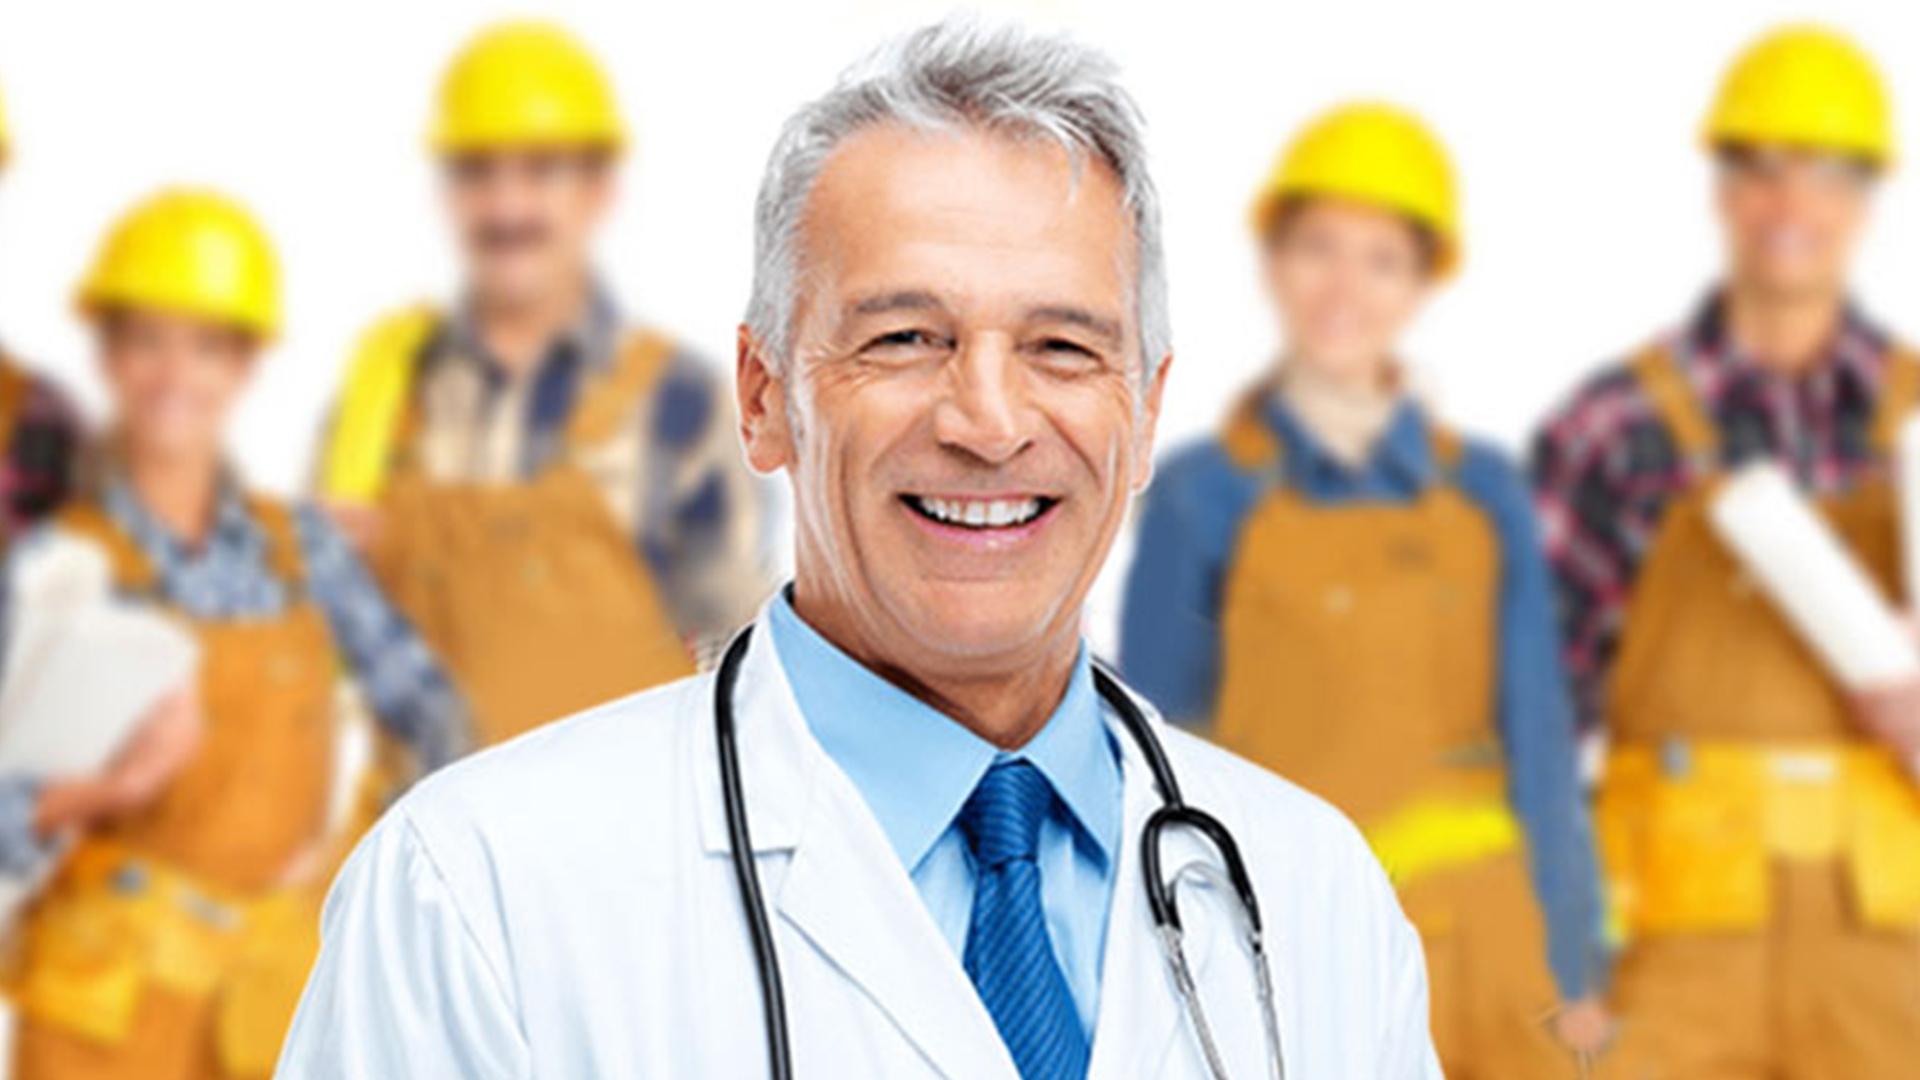 İşçi Sağlığı Güvenliği Önemi